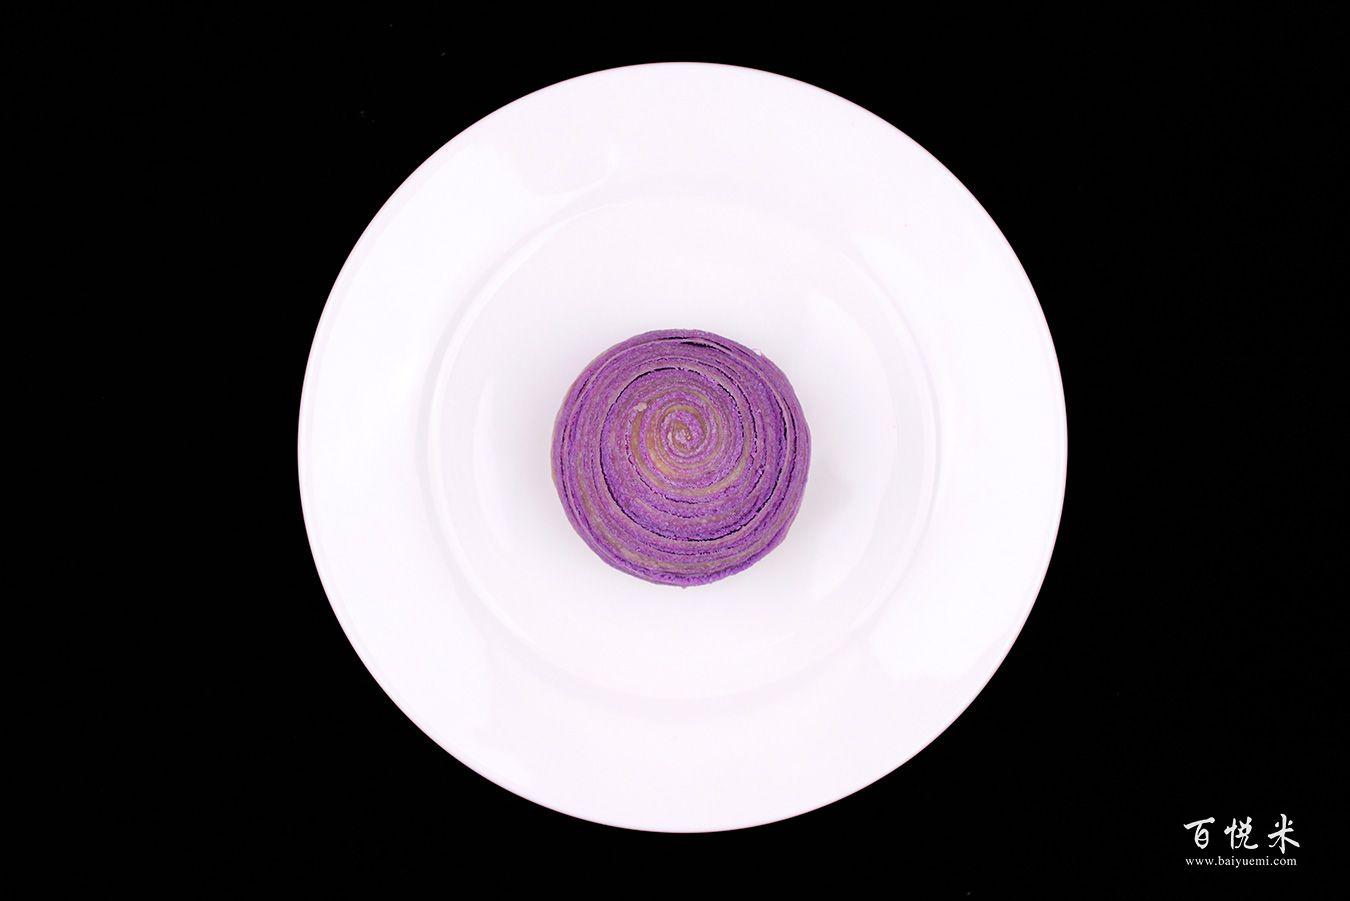 香芋酥高清图片大全【蛋糕图片】_865